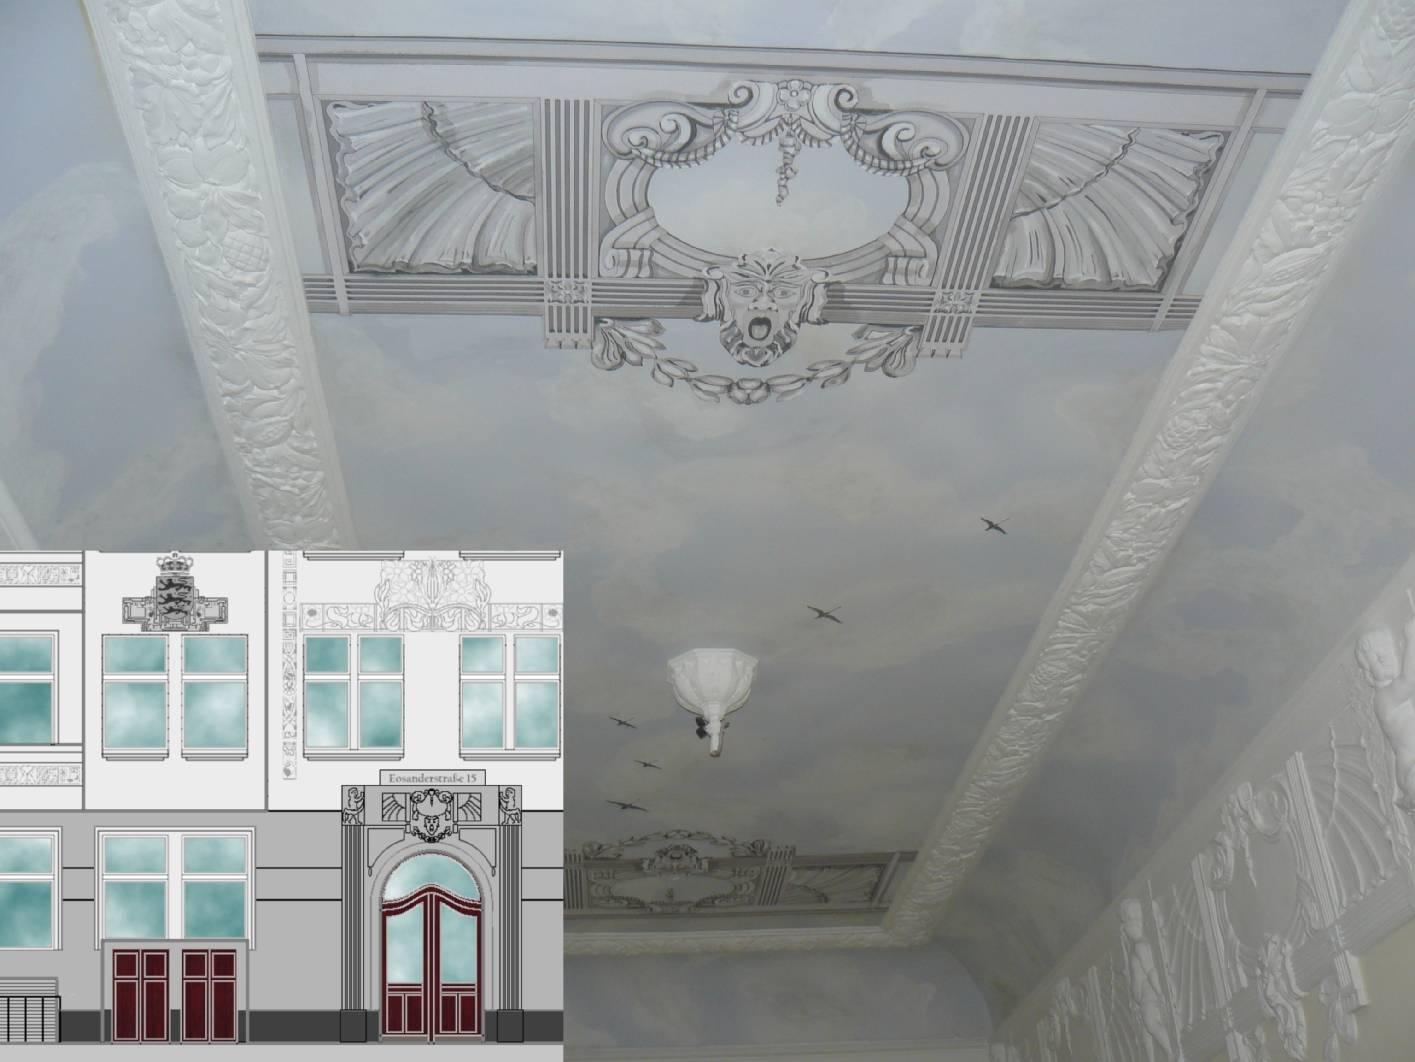 jugendstil treppenhaus fassade und entree restaurierung. Black Bedroom Furniture Sets. Home Design Ideas